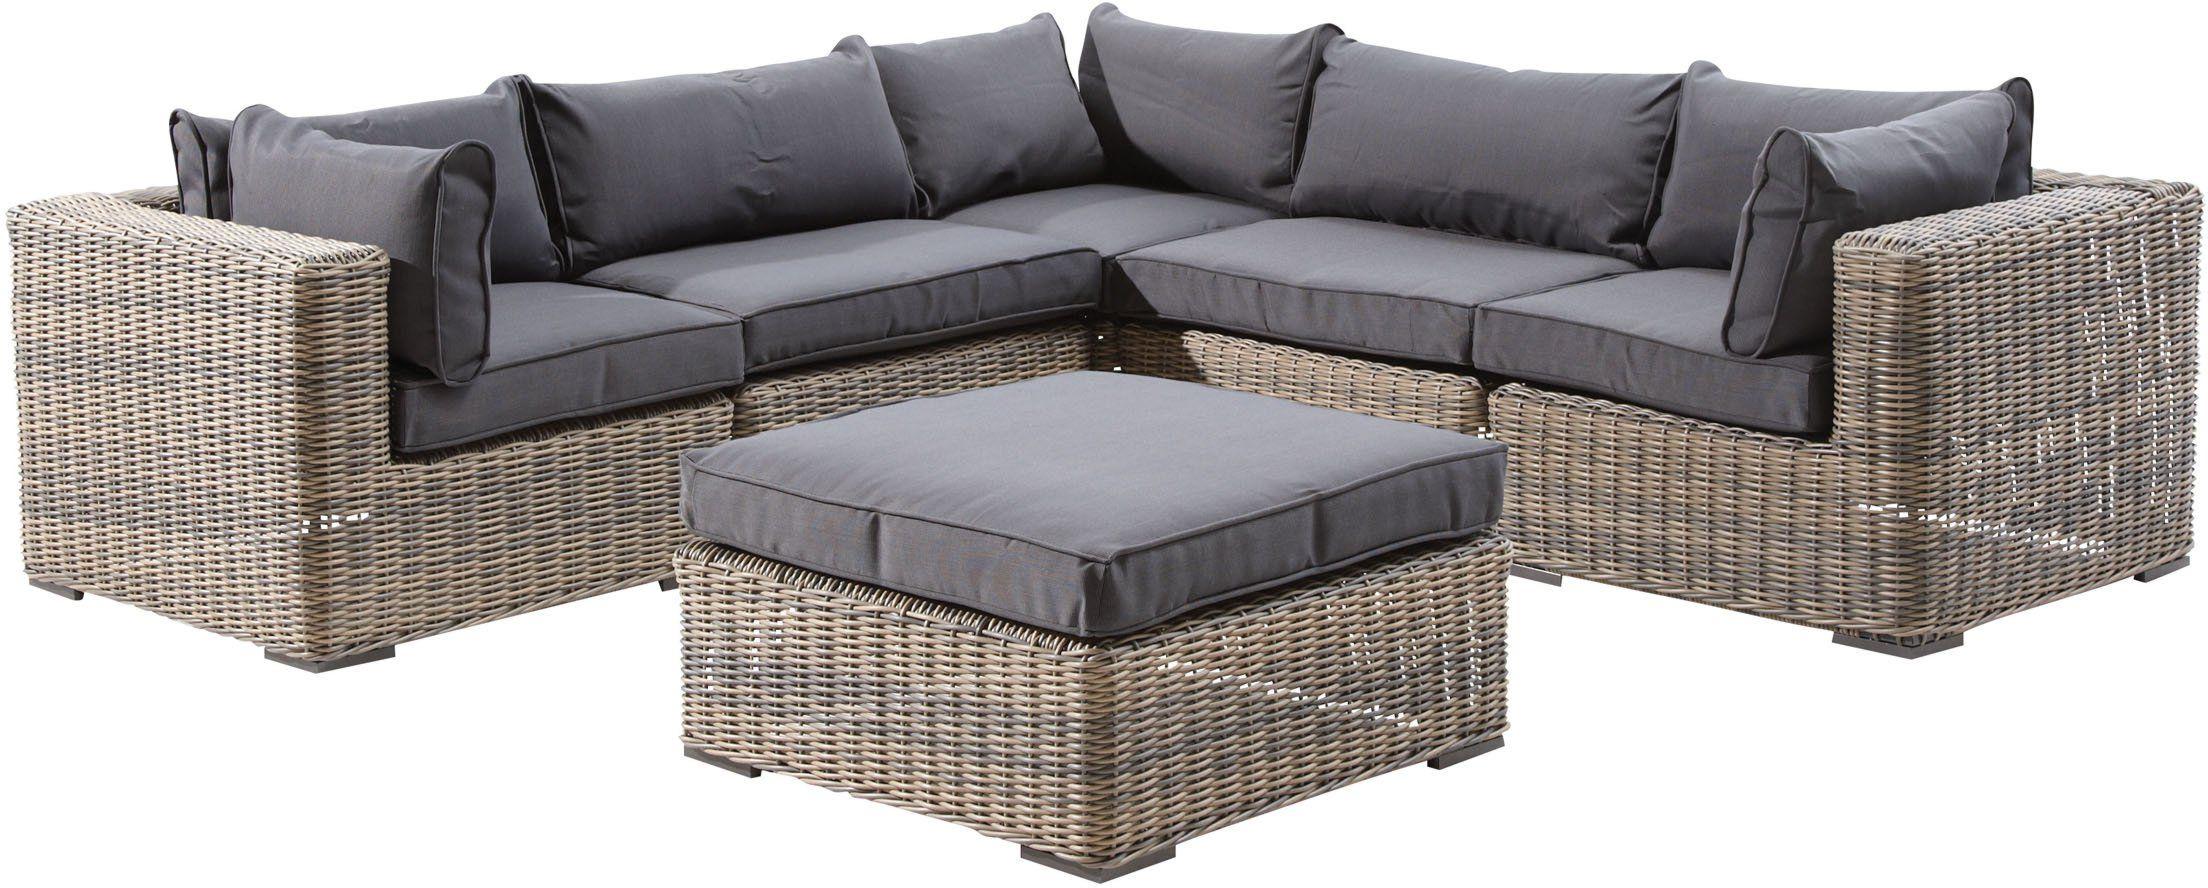 g nstige gartenm bel lounge nabcd. Black Bedroom Furniture Sets. Home Design Ideas